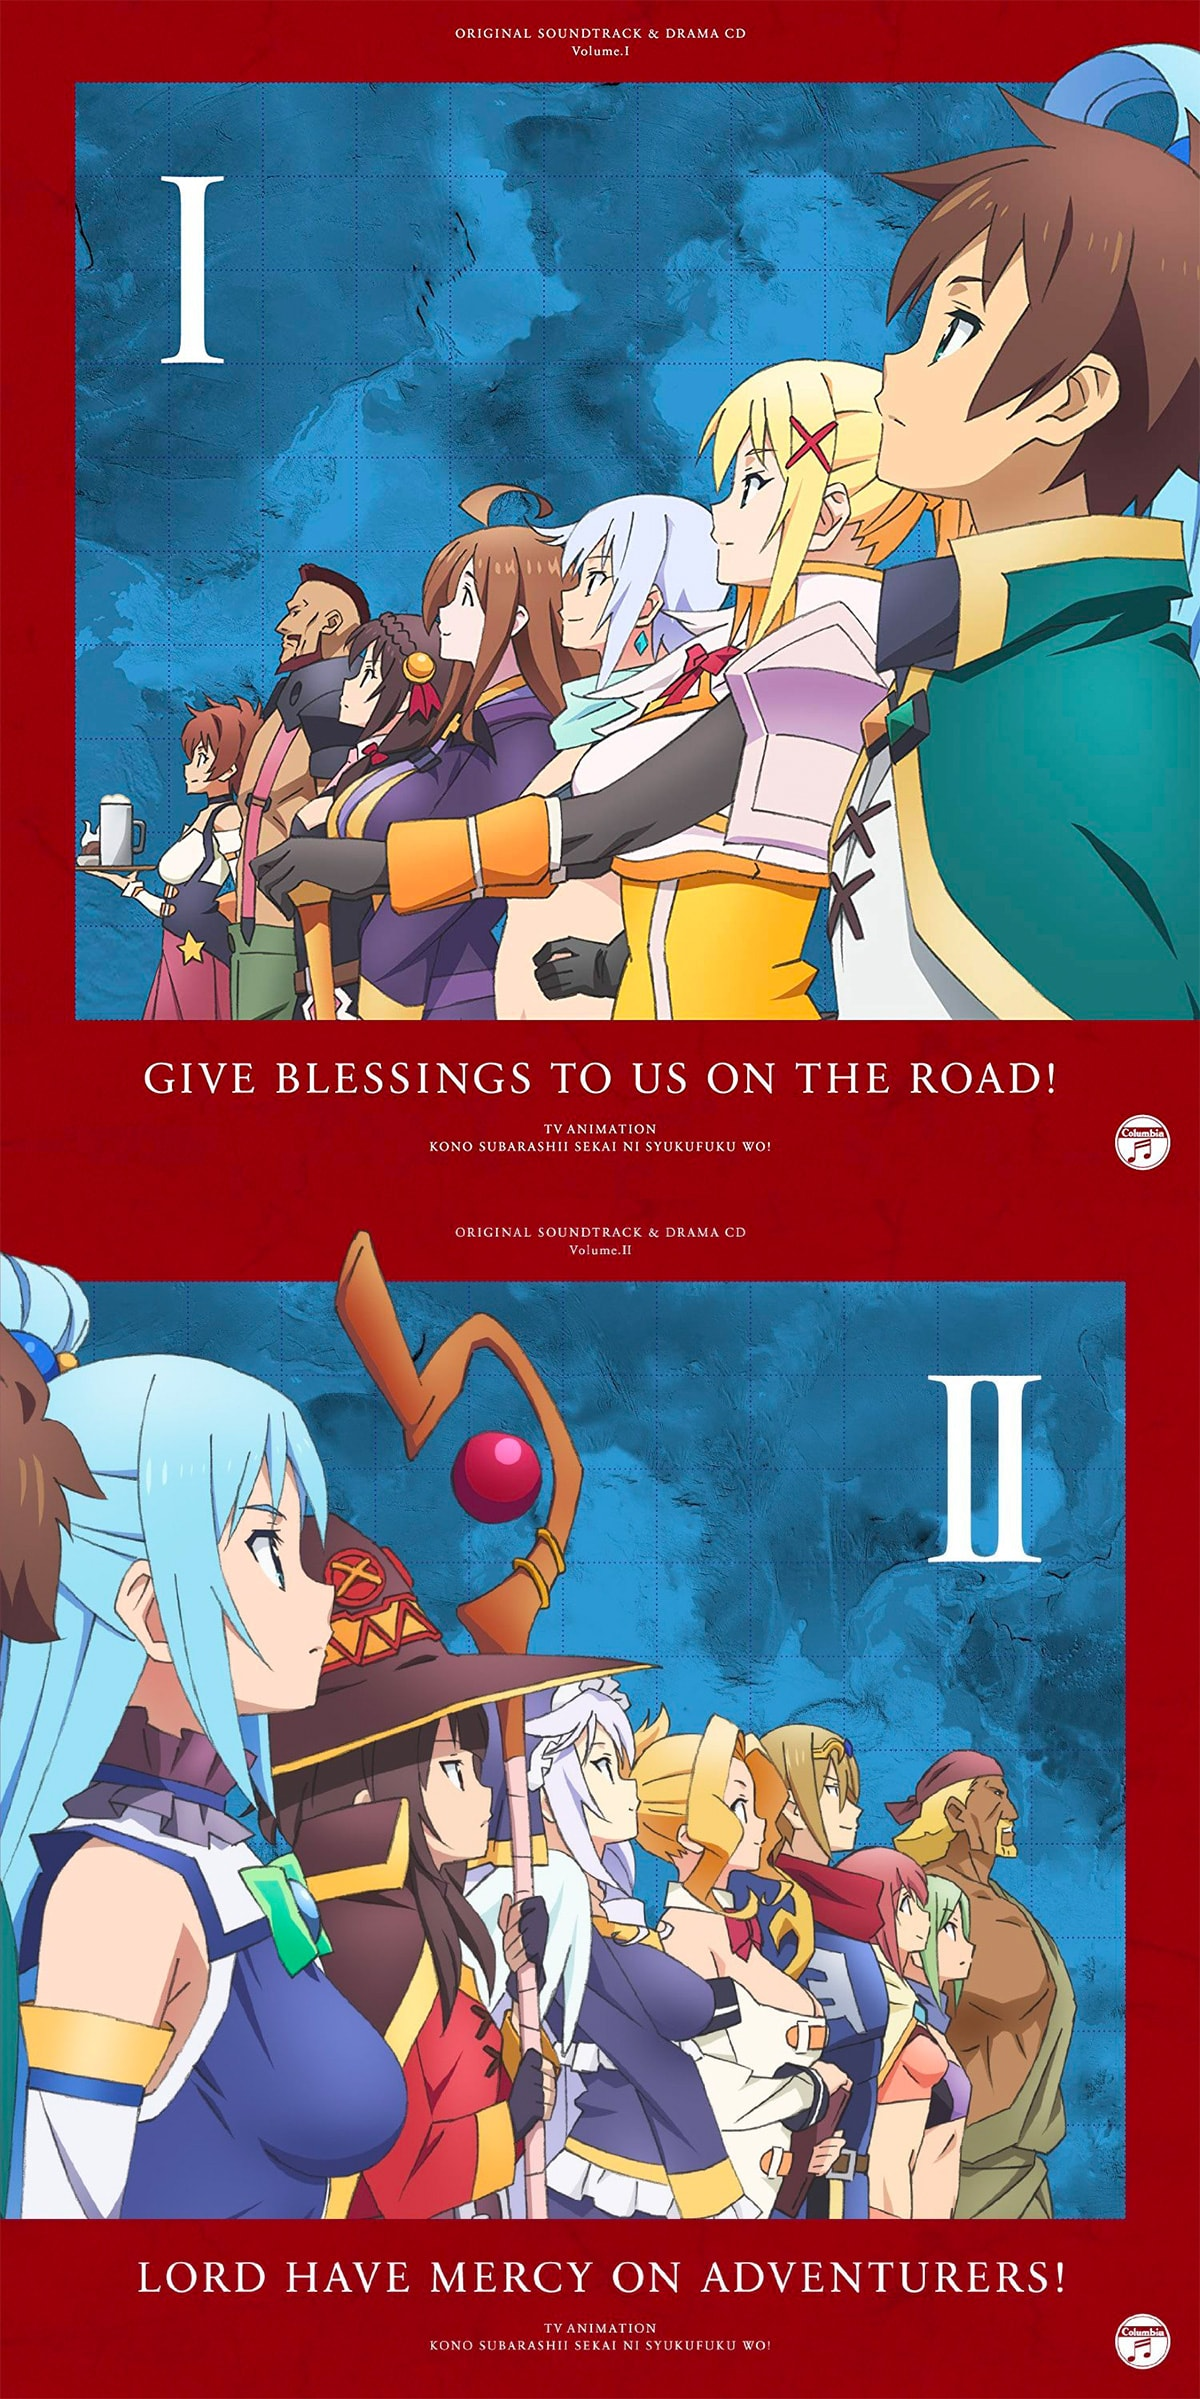 『この素晴らしい世界に祝福を!』サントラ&ドラマCD vol.1&vol.2